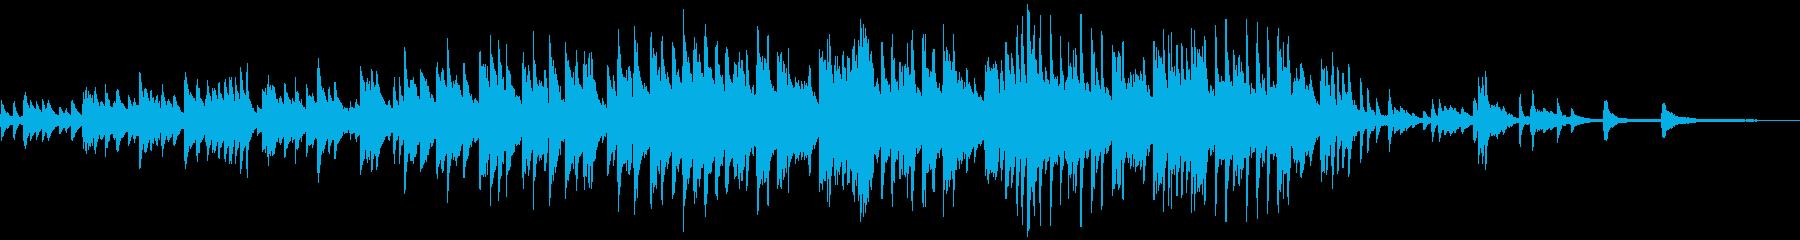 エンドロールのためのピアノソロの再生済みの波形